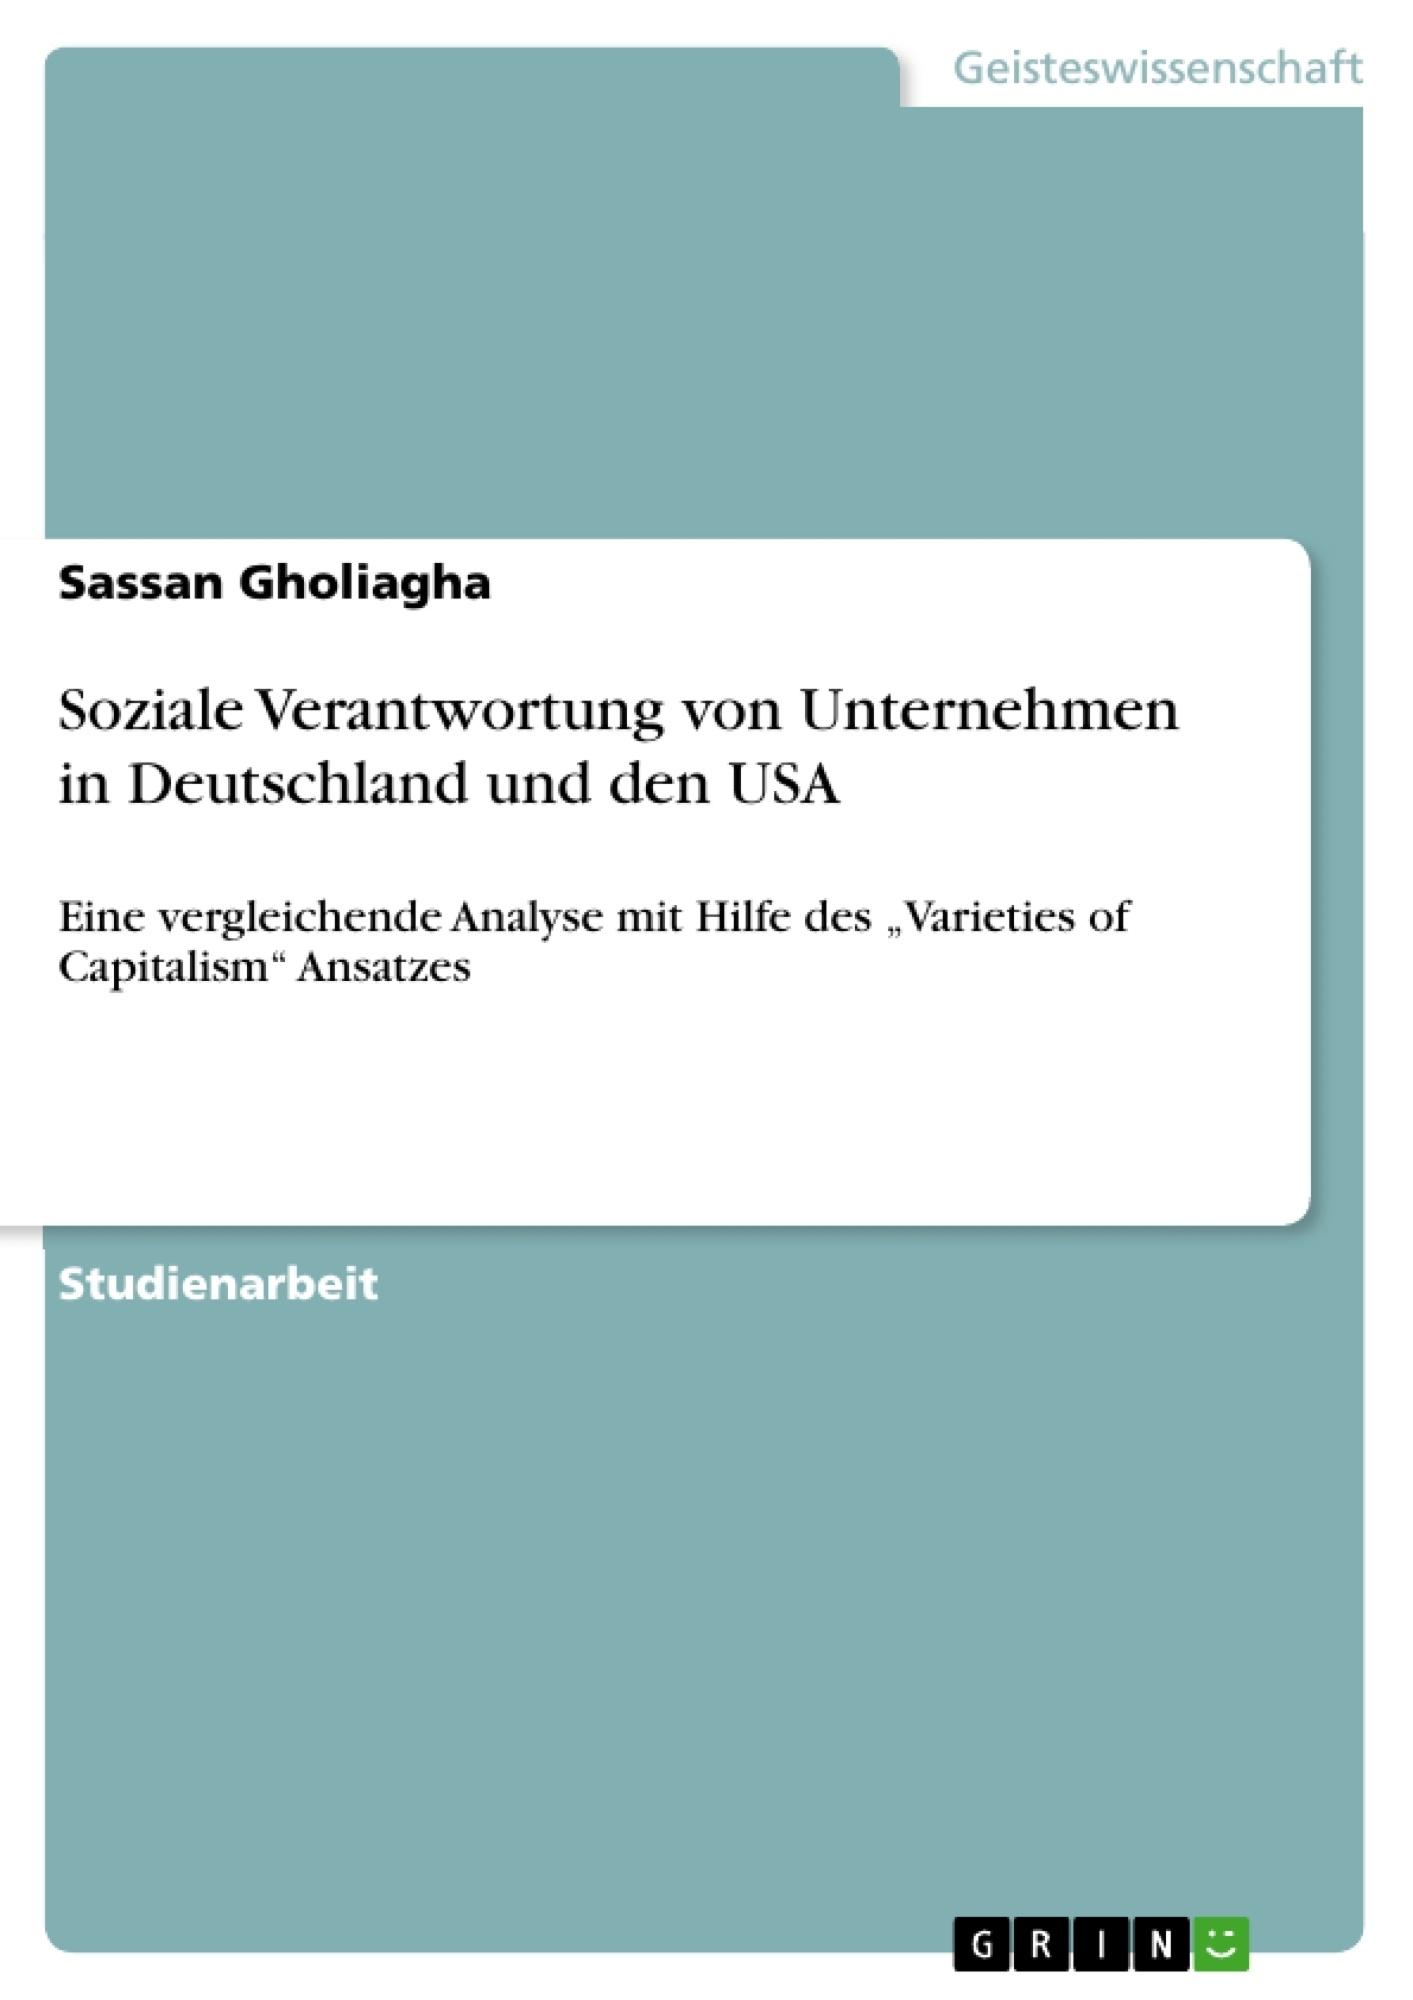 Titel: Soziale Verantwortung von Unternehmen in Deutschland und den USA